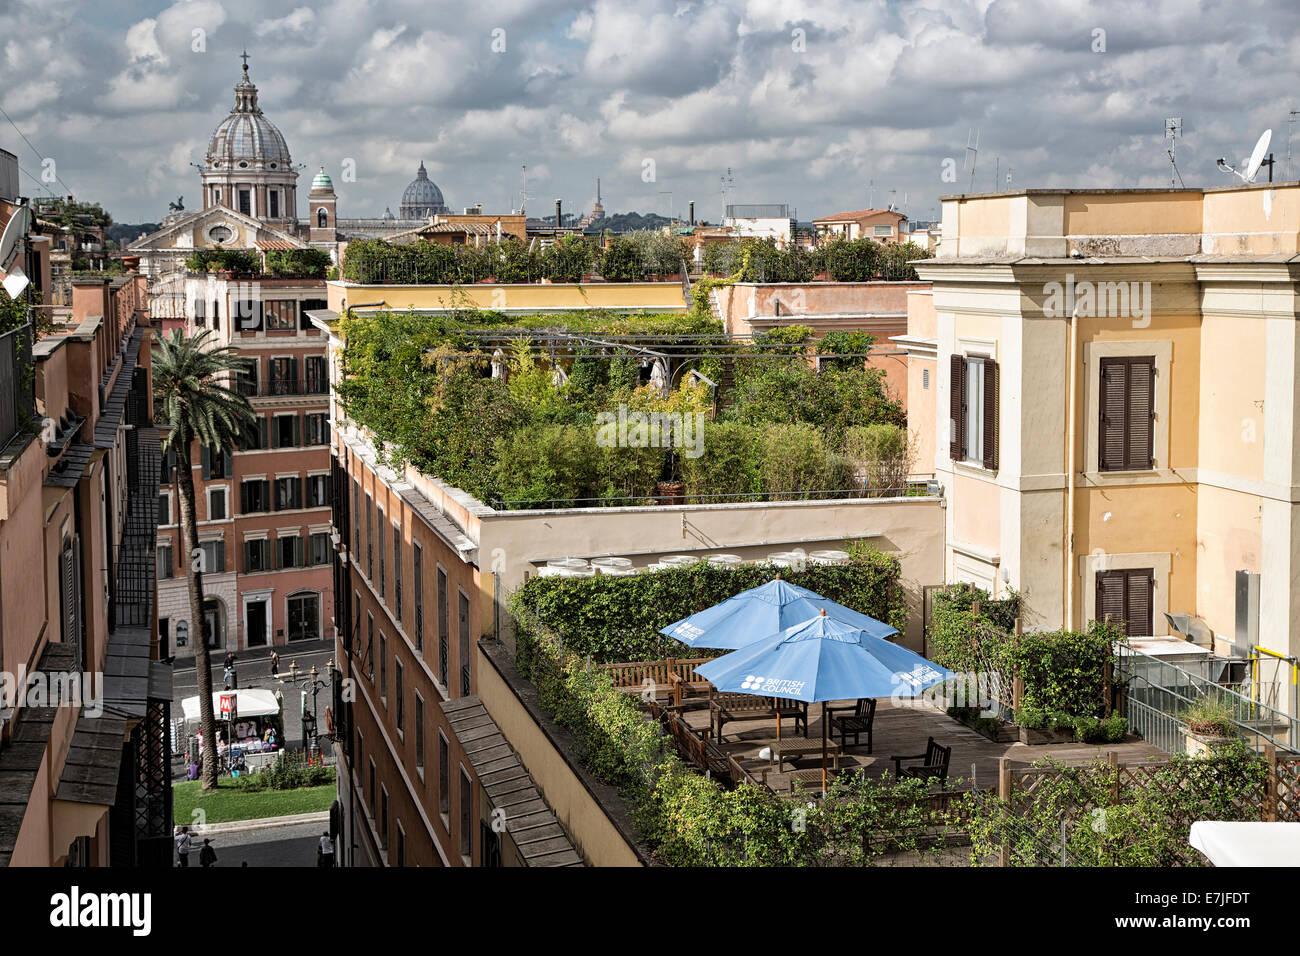 Accademia, accademia, tetto, Francia, Francia, giardino, verde, capitale, Italia, Europa, Roma, terrazza, villa Immagini Stock